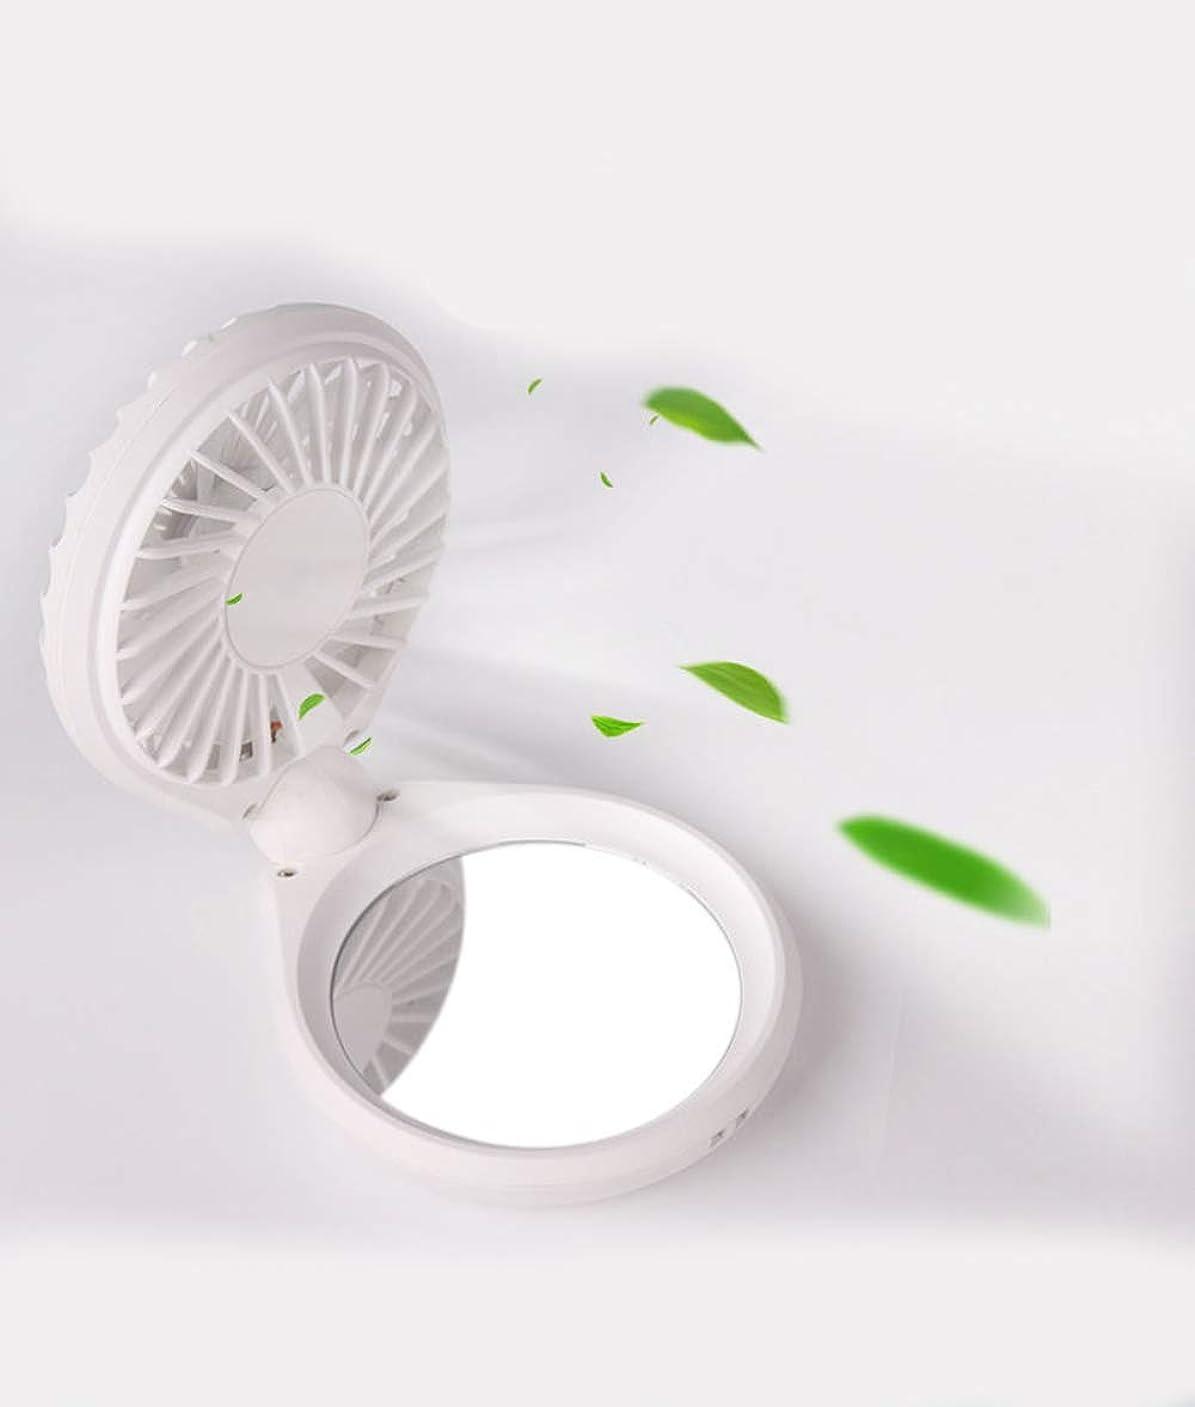 致命的晩餐サイレン携帯扇風機 3段階調節 手持ち 卓上 首掛け 小型 USB 超静音 強風 軽量 ミラースタンド付き LEDライト機能 7枚3D羽根 ミニ携帯扇風機 熱中症対策 旅行 花火大会 学校 会社(ホワイト)